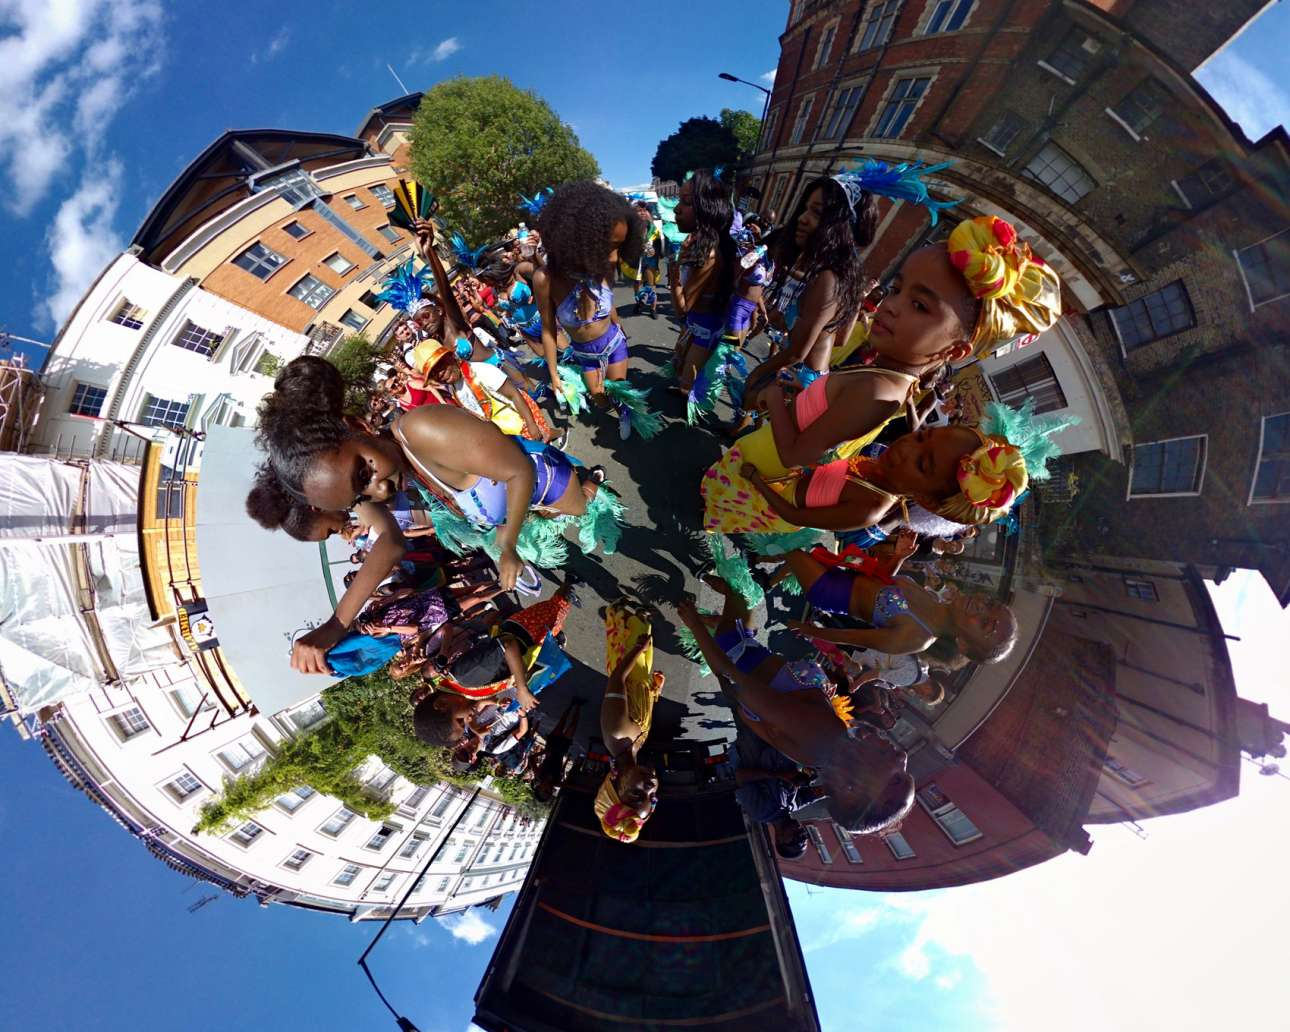 Μία φωτογραφία 360 μοιρών αποτυπώνει την ατμόσφαιρα που επικρατούσε στη διάσημη γειτονιά